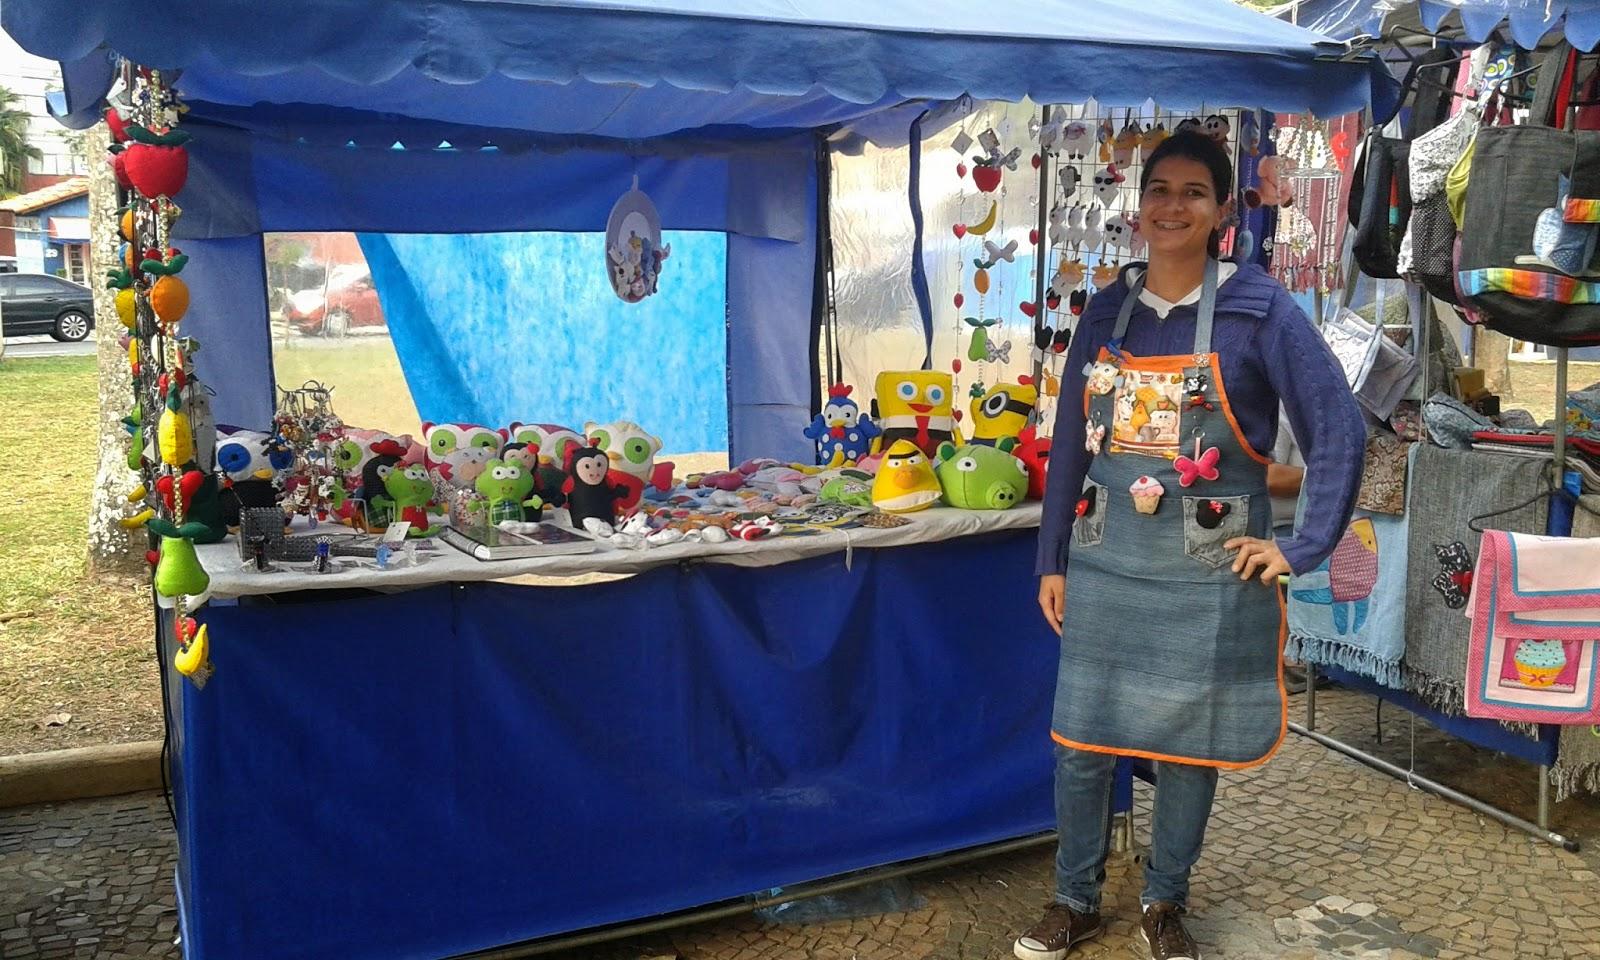 Aparador Embaixo Da Tv ~ feira de artesanato em Sorocaba FELTRO ORQUIDEAS CHAPEUS PELUCIAS